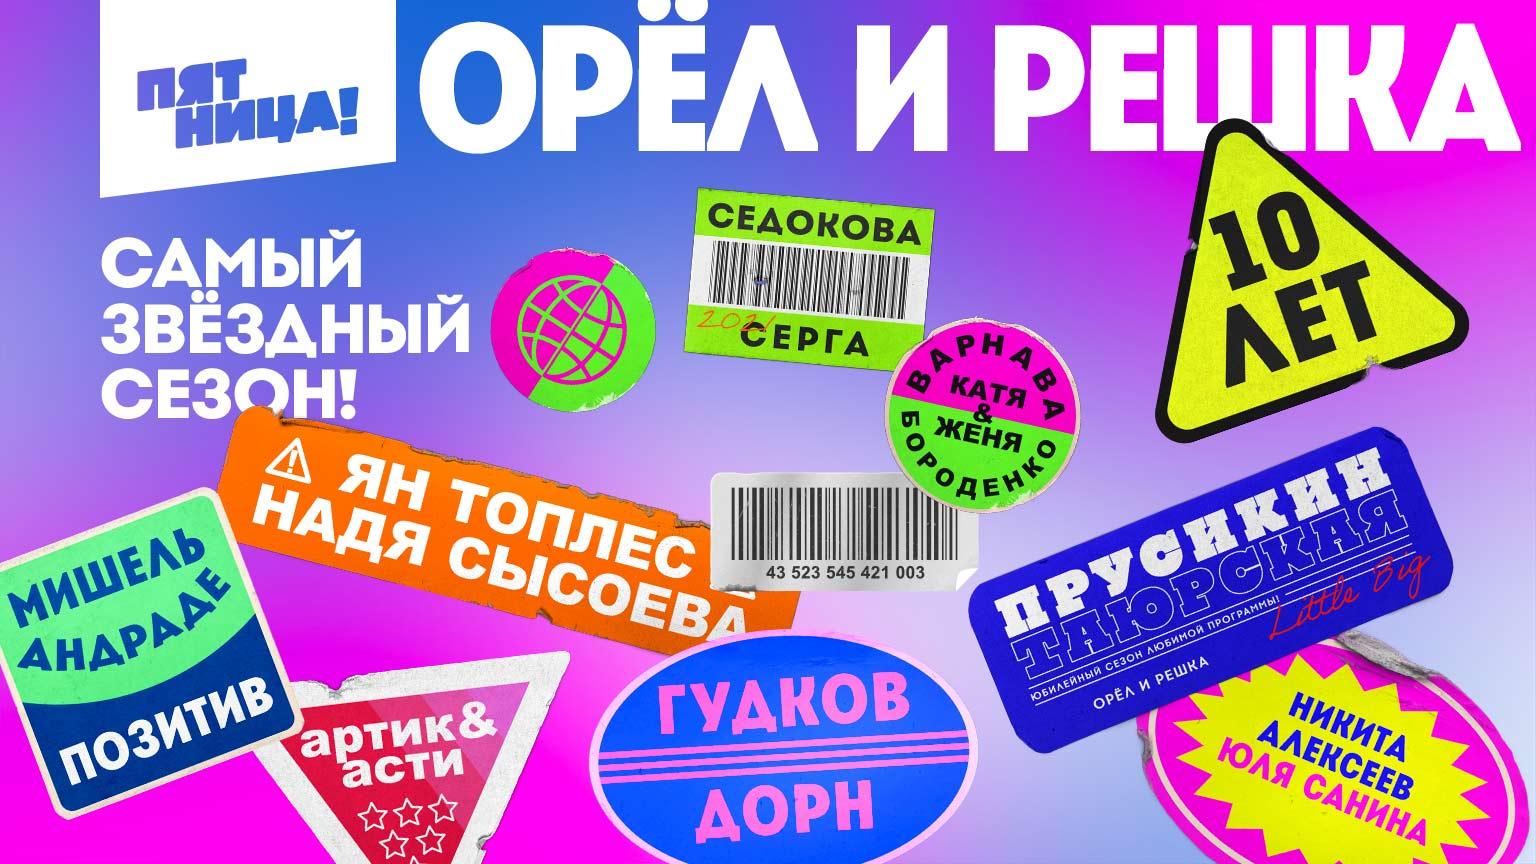 Орел и решка 10 лет_Промобаннер